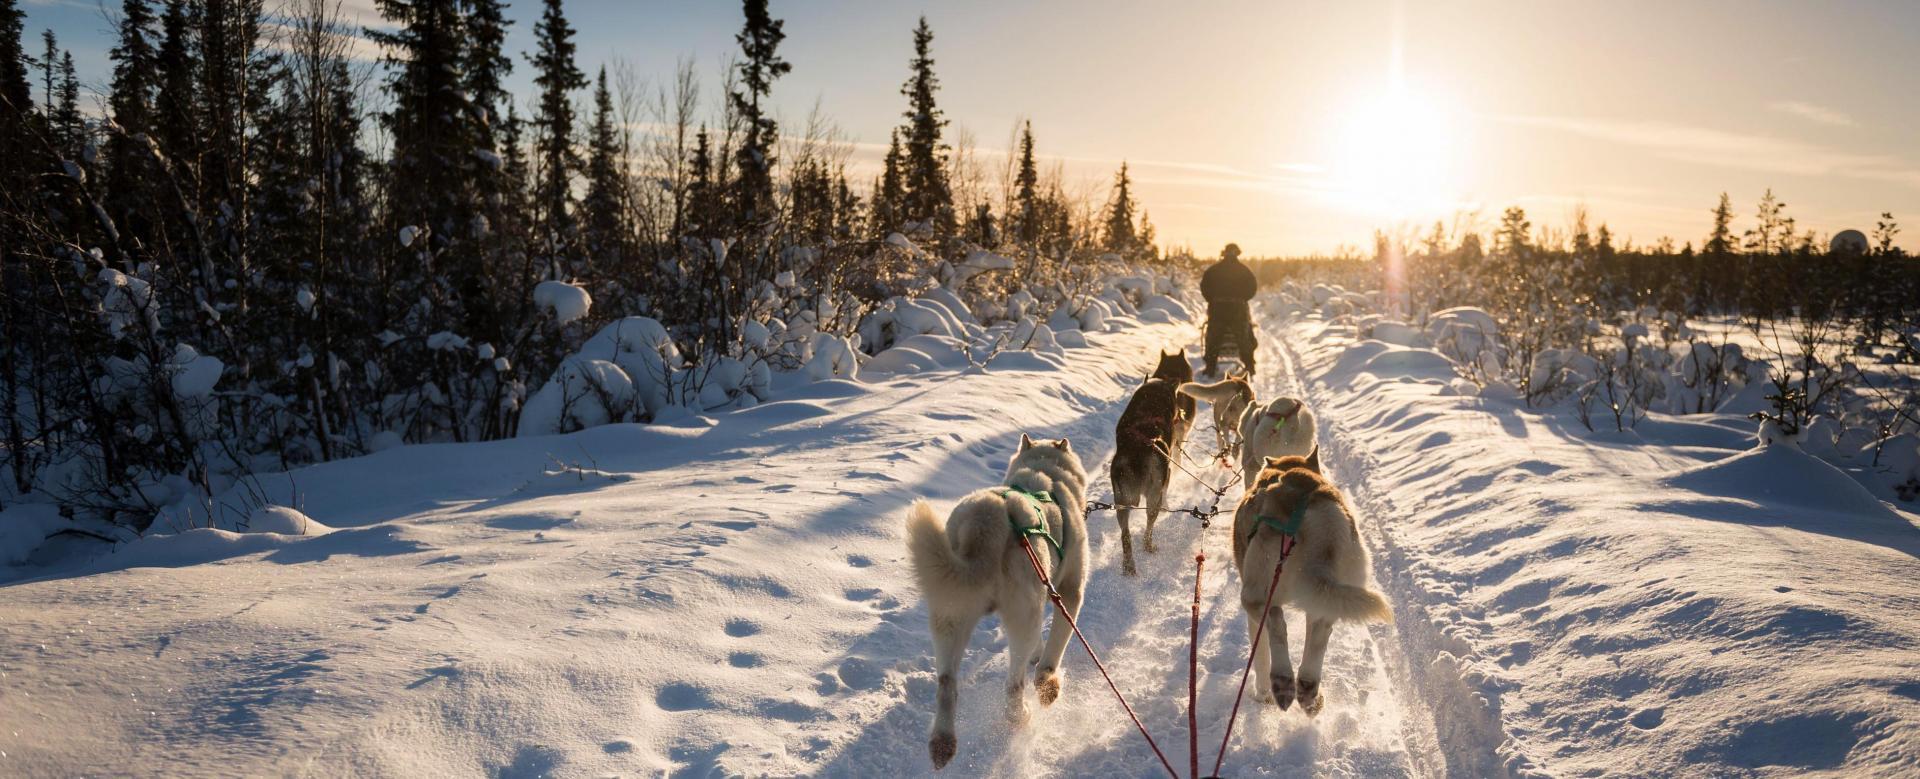 Voyage à la neige : L'attelage du grand nord